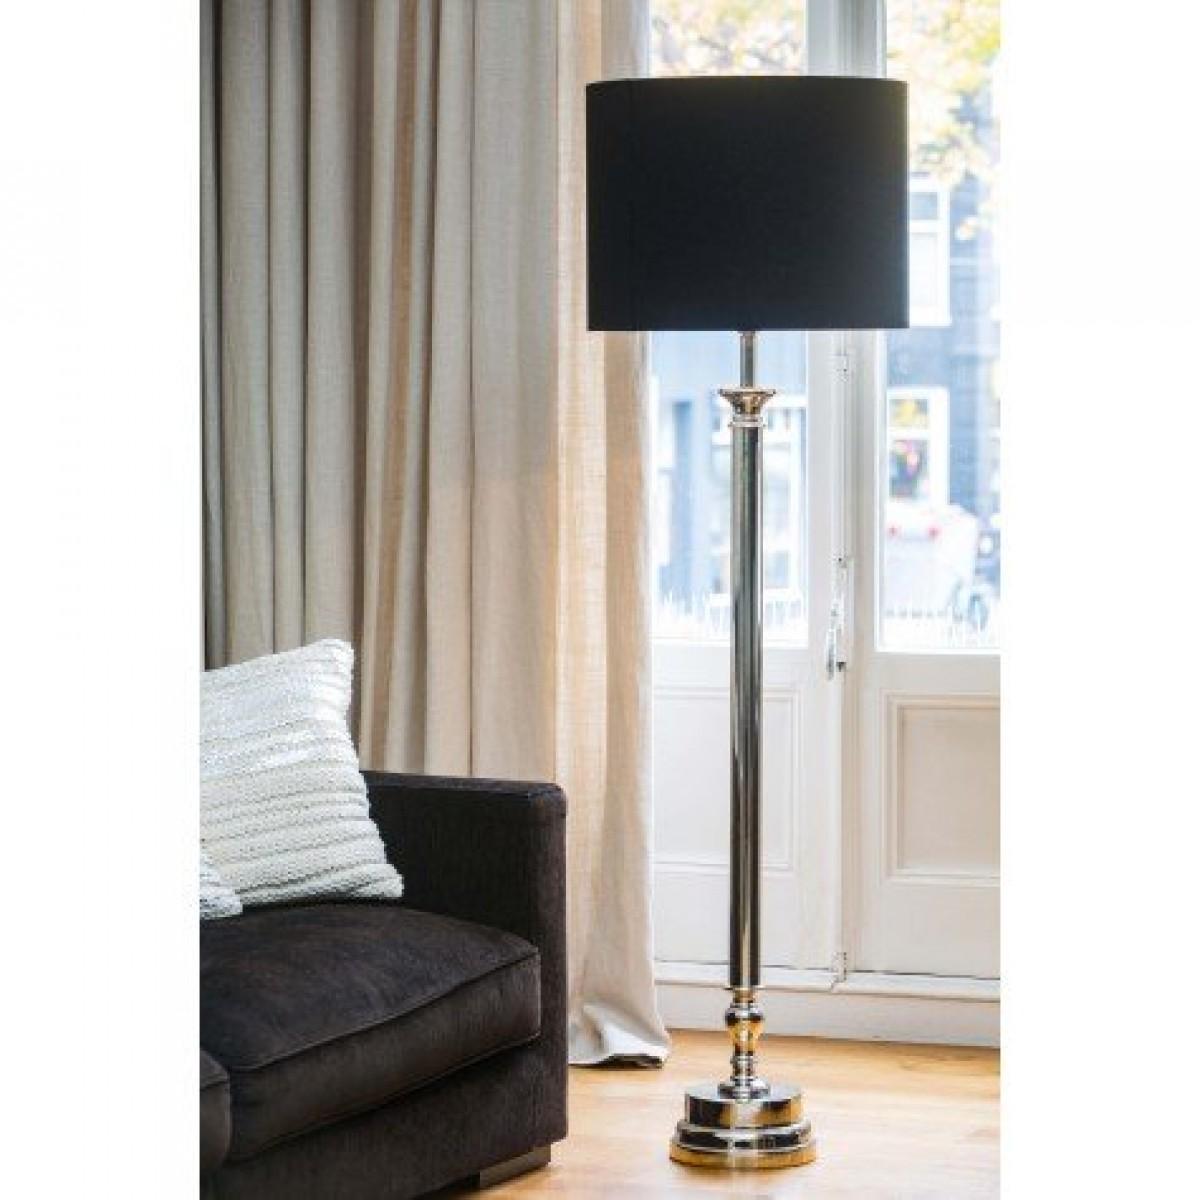 stehlampe mit schwarzen lampenschirm stehleuchte silber landhaus h he 160 cm. Black Bedroom Furniture Sets. Home Design Ideas